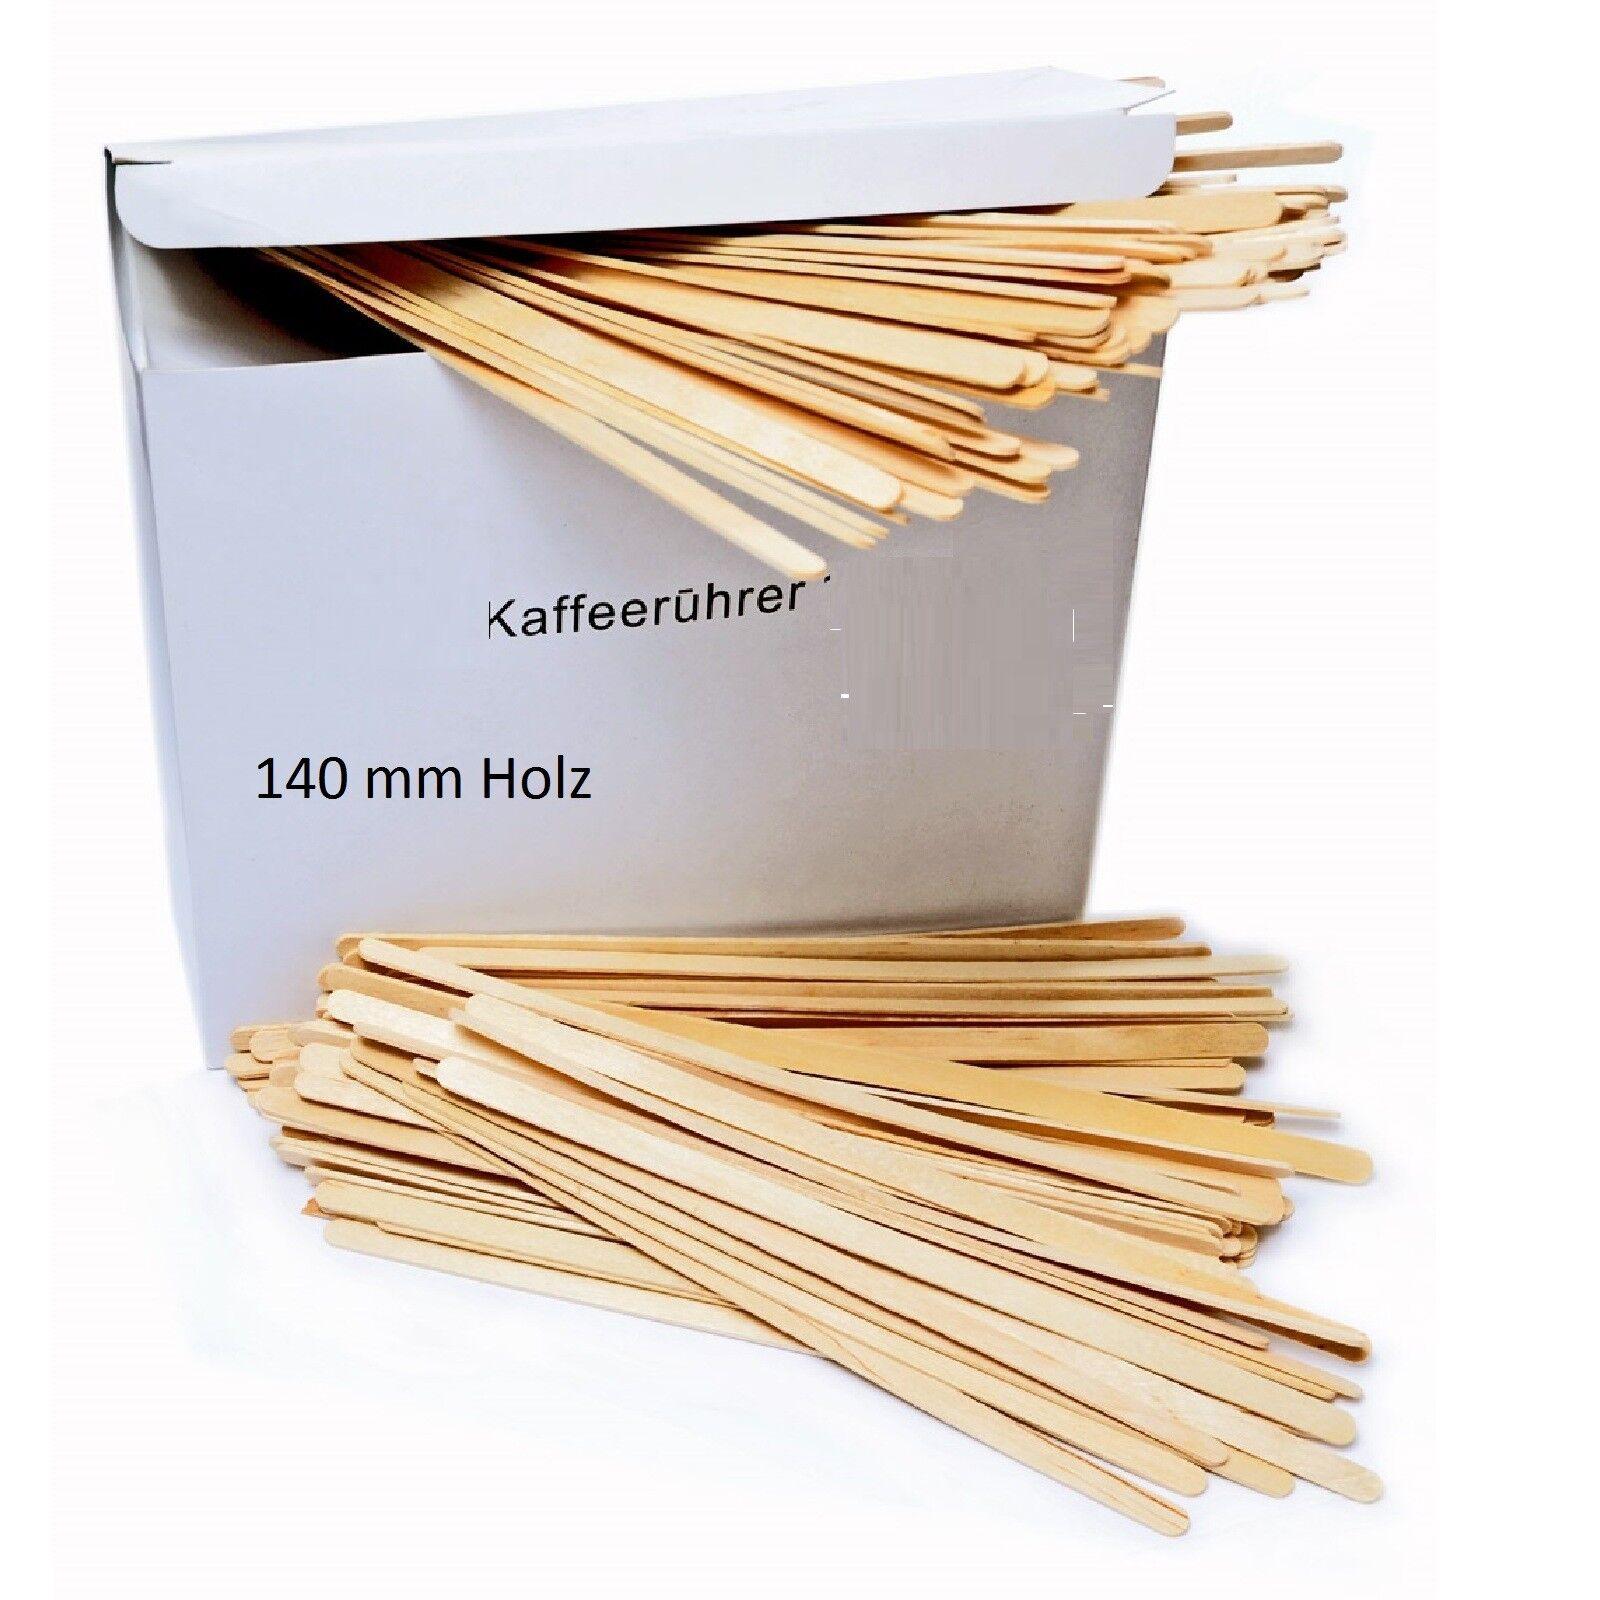 Rührstäbchen Holz 140 mm Kompostierbar 100 Stück Einweg Rührer Holz 14cm